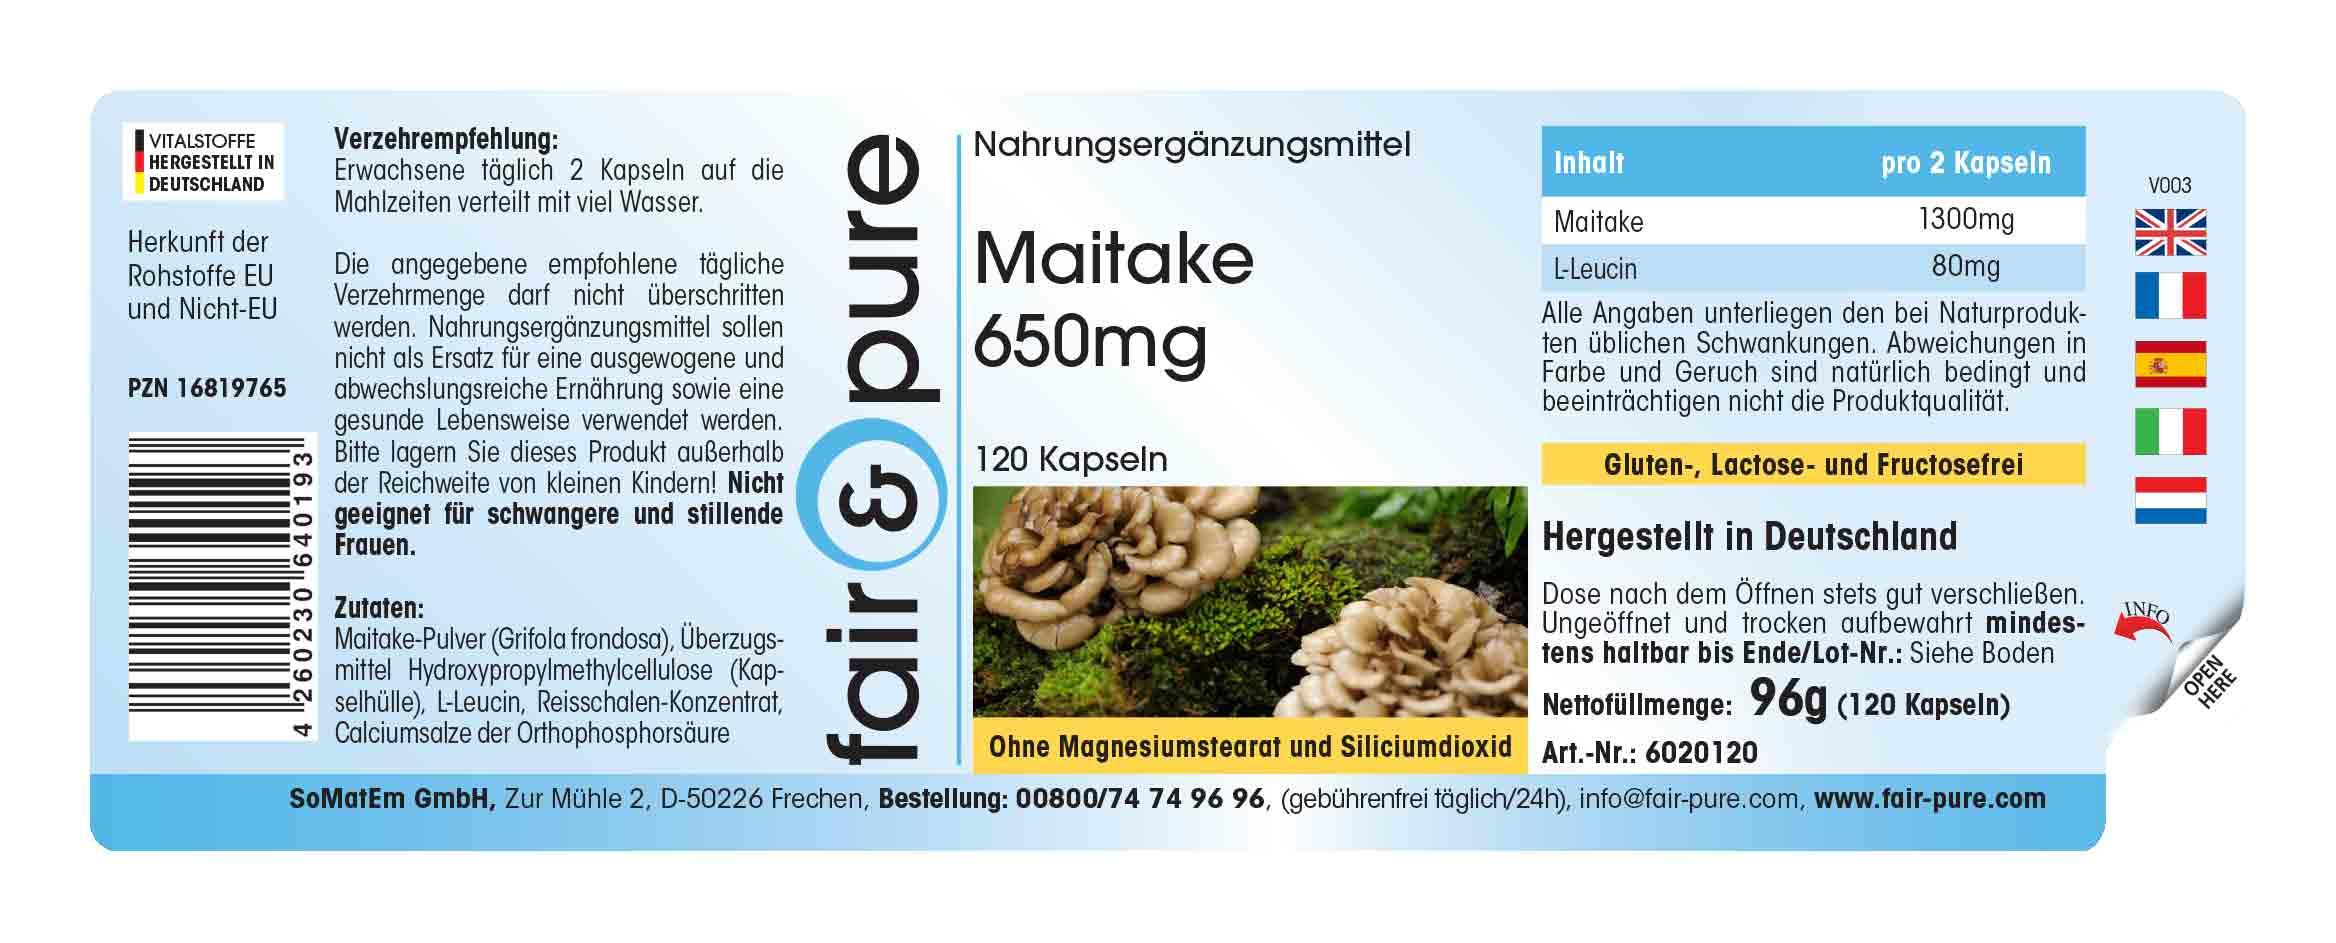 Maitake 650mg - 120 cápsulas de Grifola frondosa, vegana